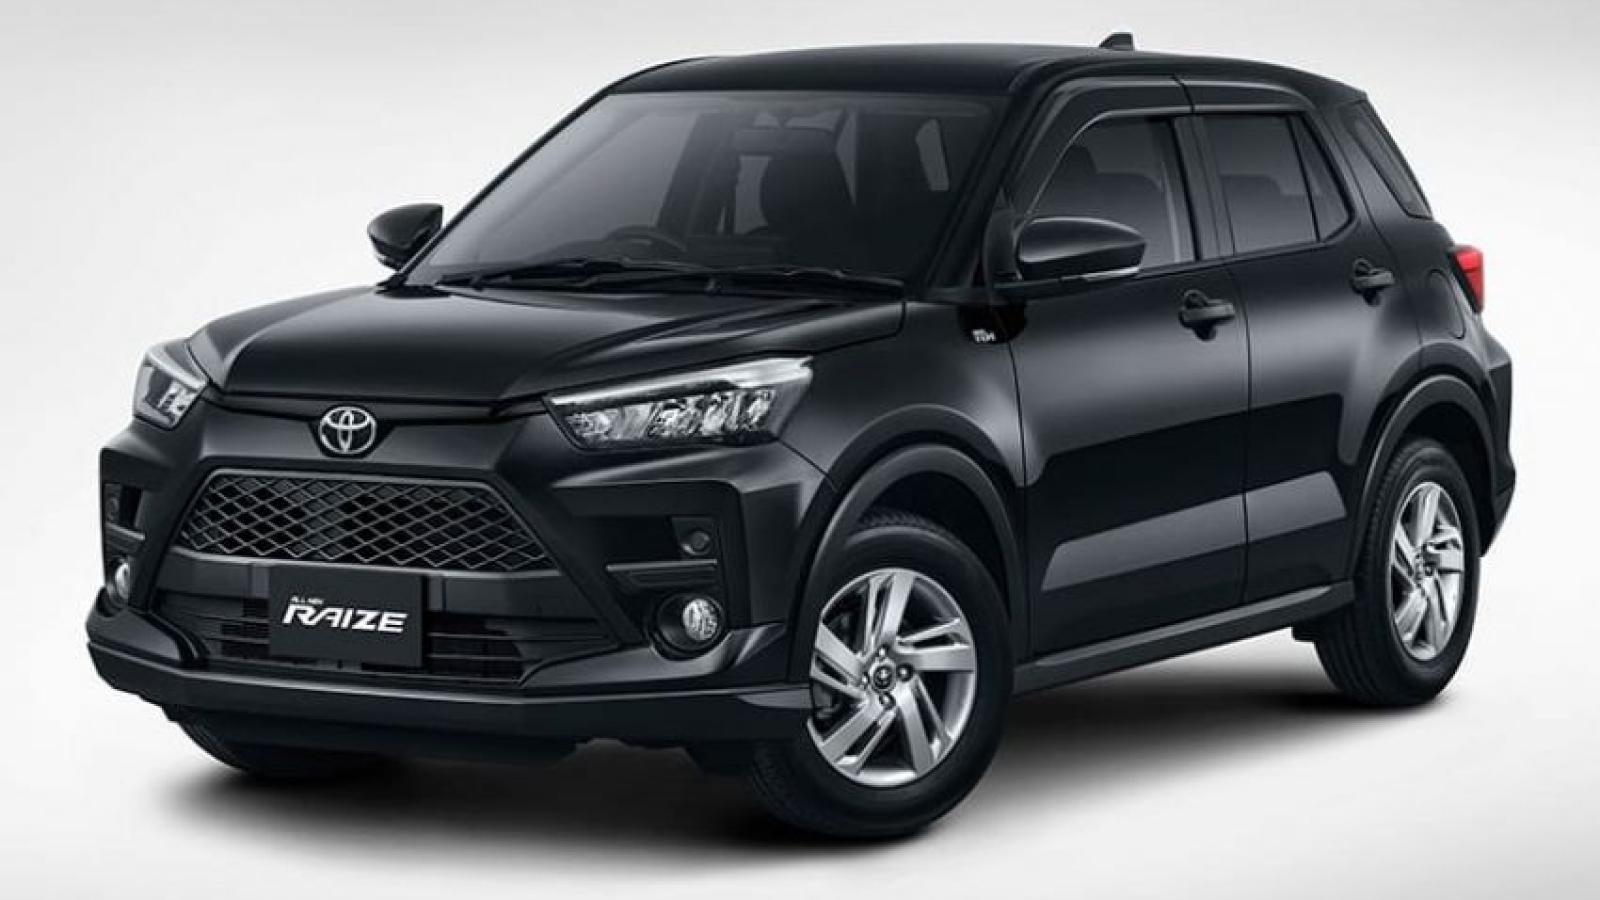 Toyota Raize bổ sung động cơ 1.2L, giá chỉ từ 323 triệu đồng